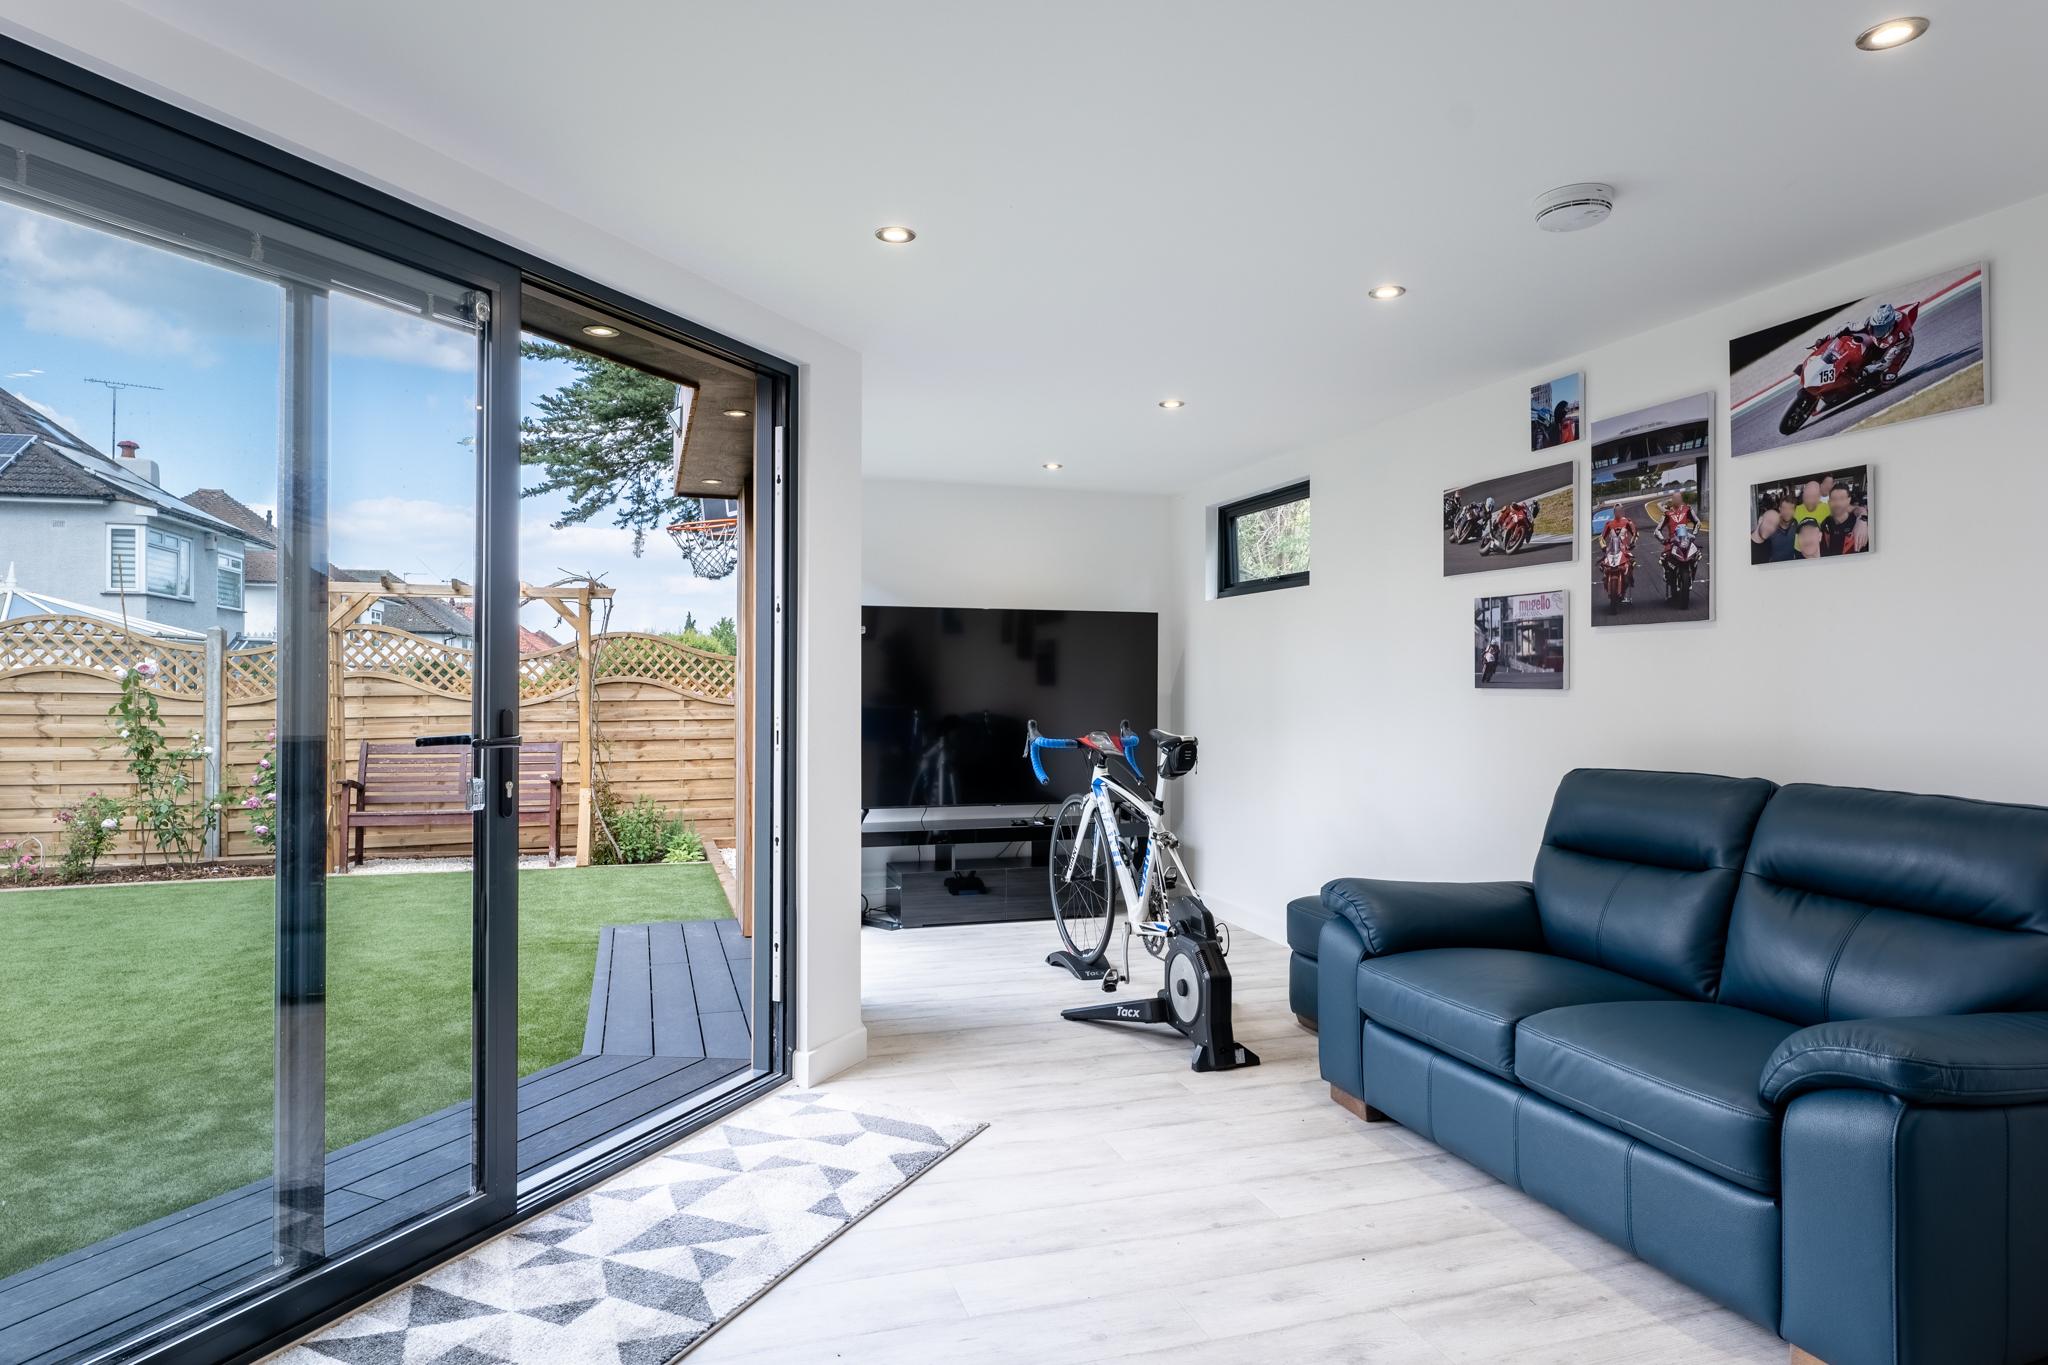 L-shaped garden room interior